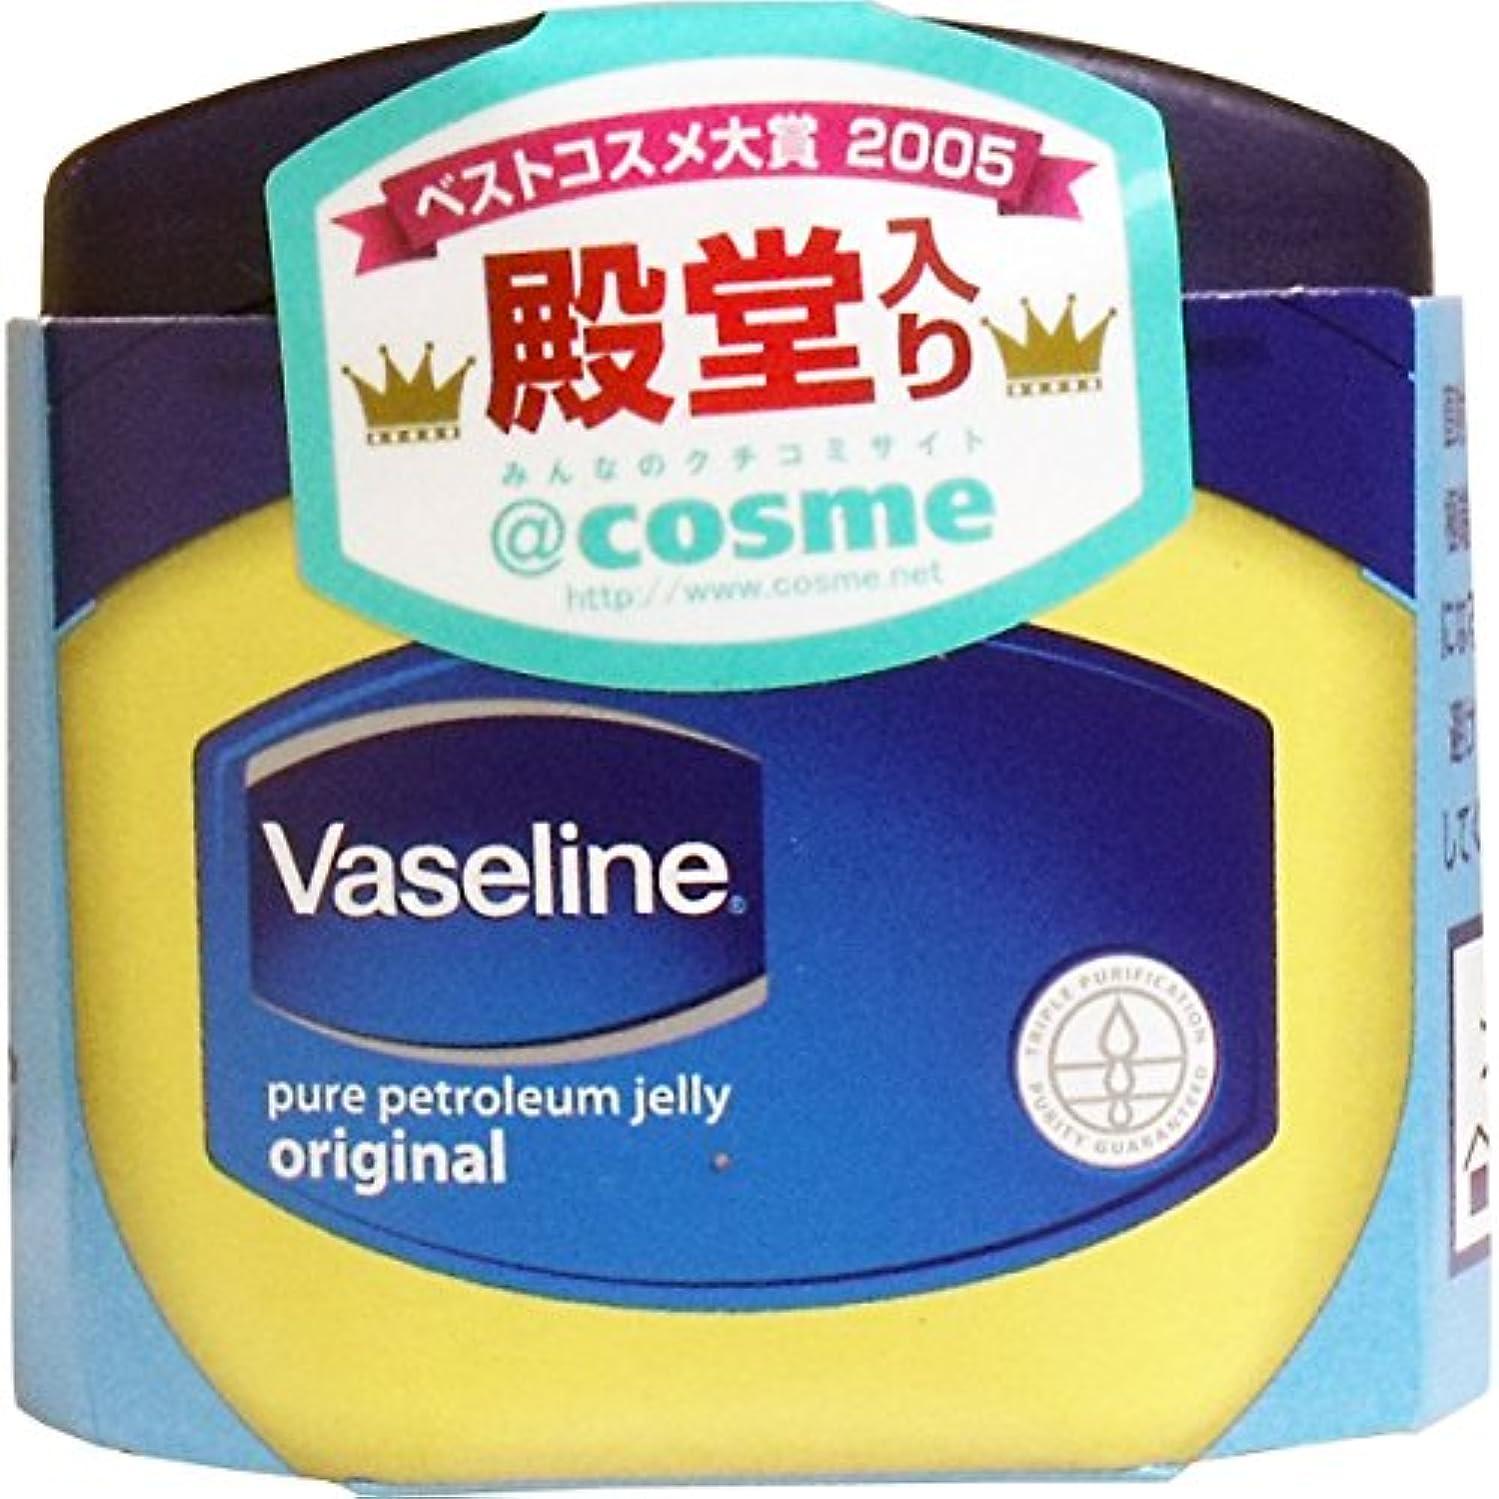 はさみオーディションエキゾチック【Vaseline】ヴァセリン ピュアスキンジェリー (スキンオイル) 40g ×5個セット